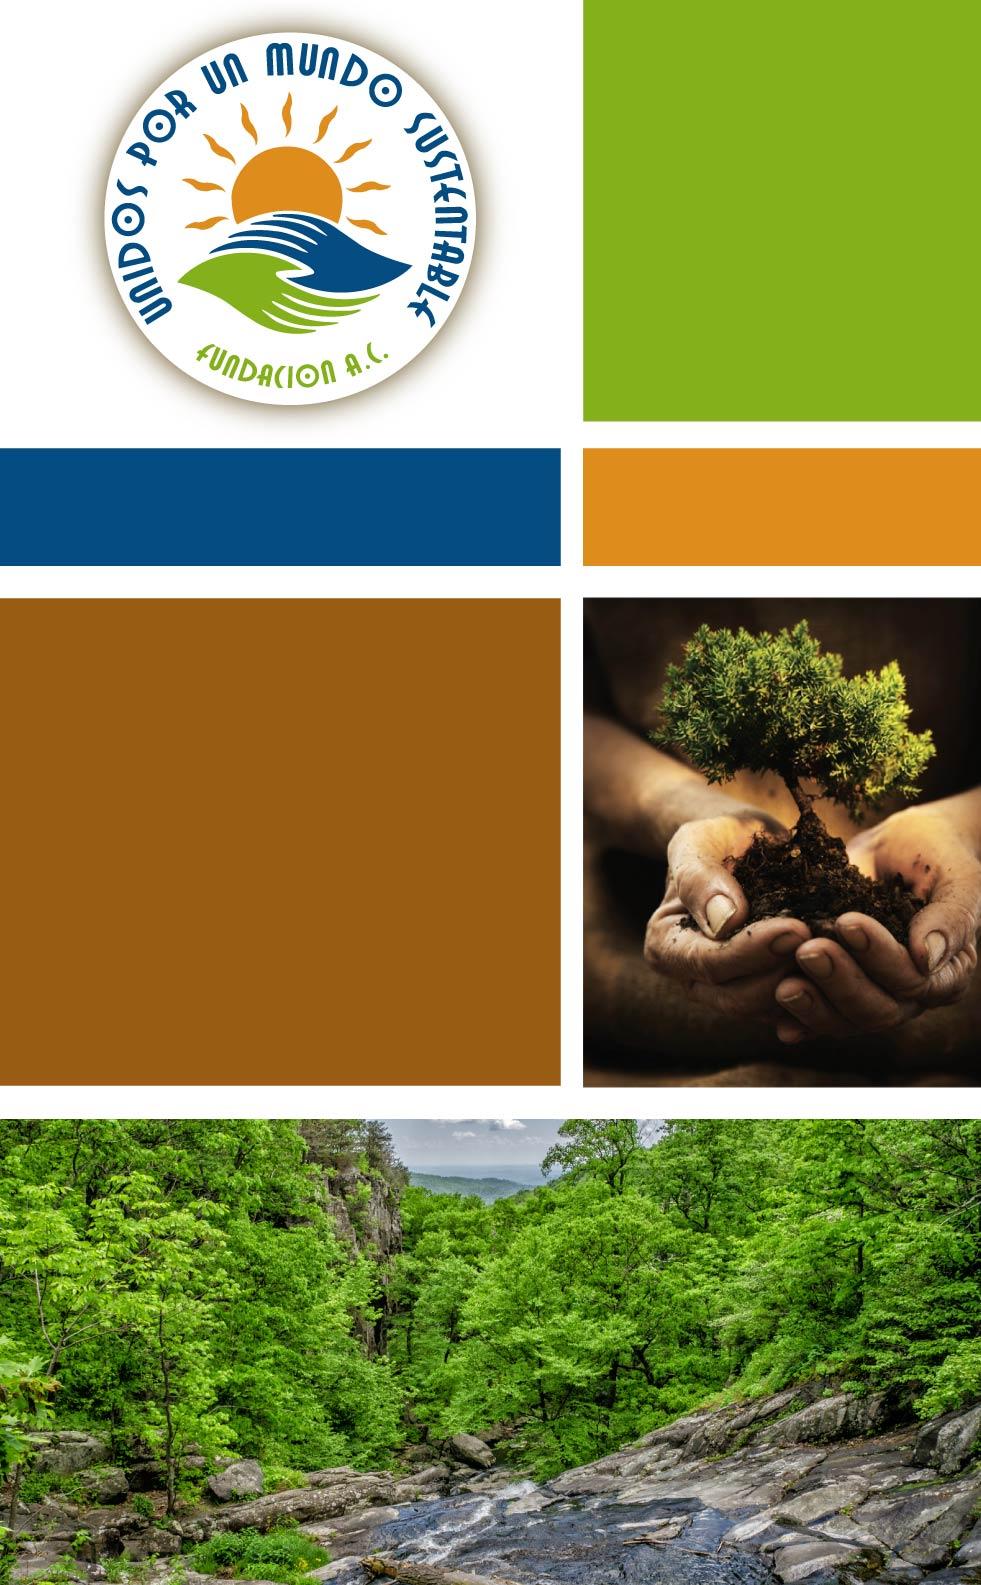 portafolios/unidos_por_un_mundo_sustentable_cont0.jpg